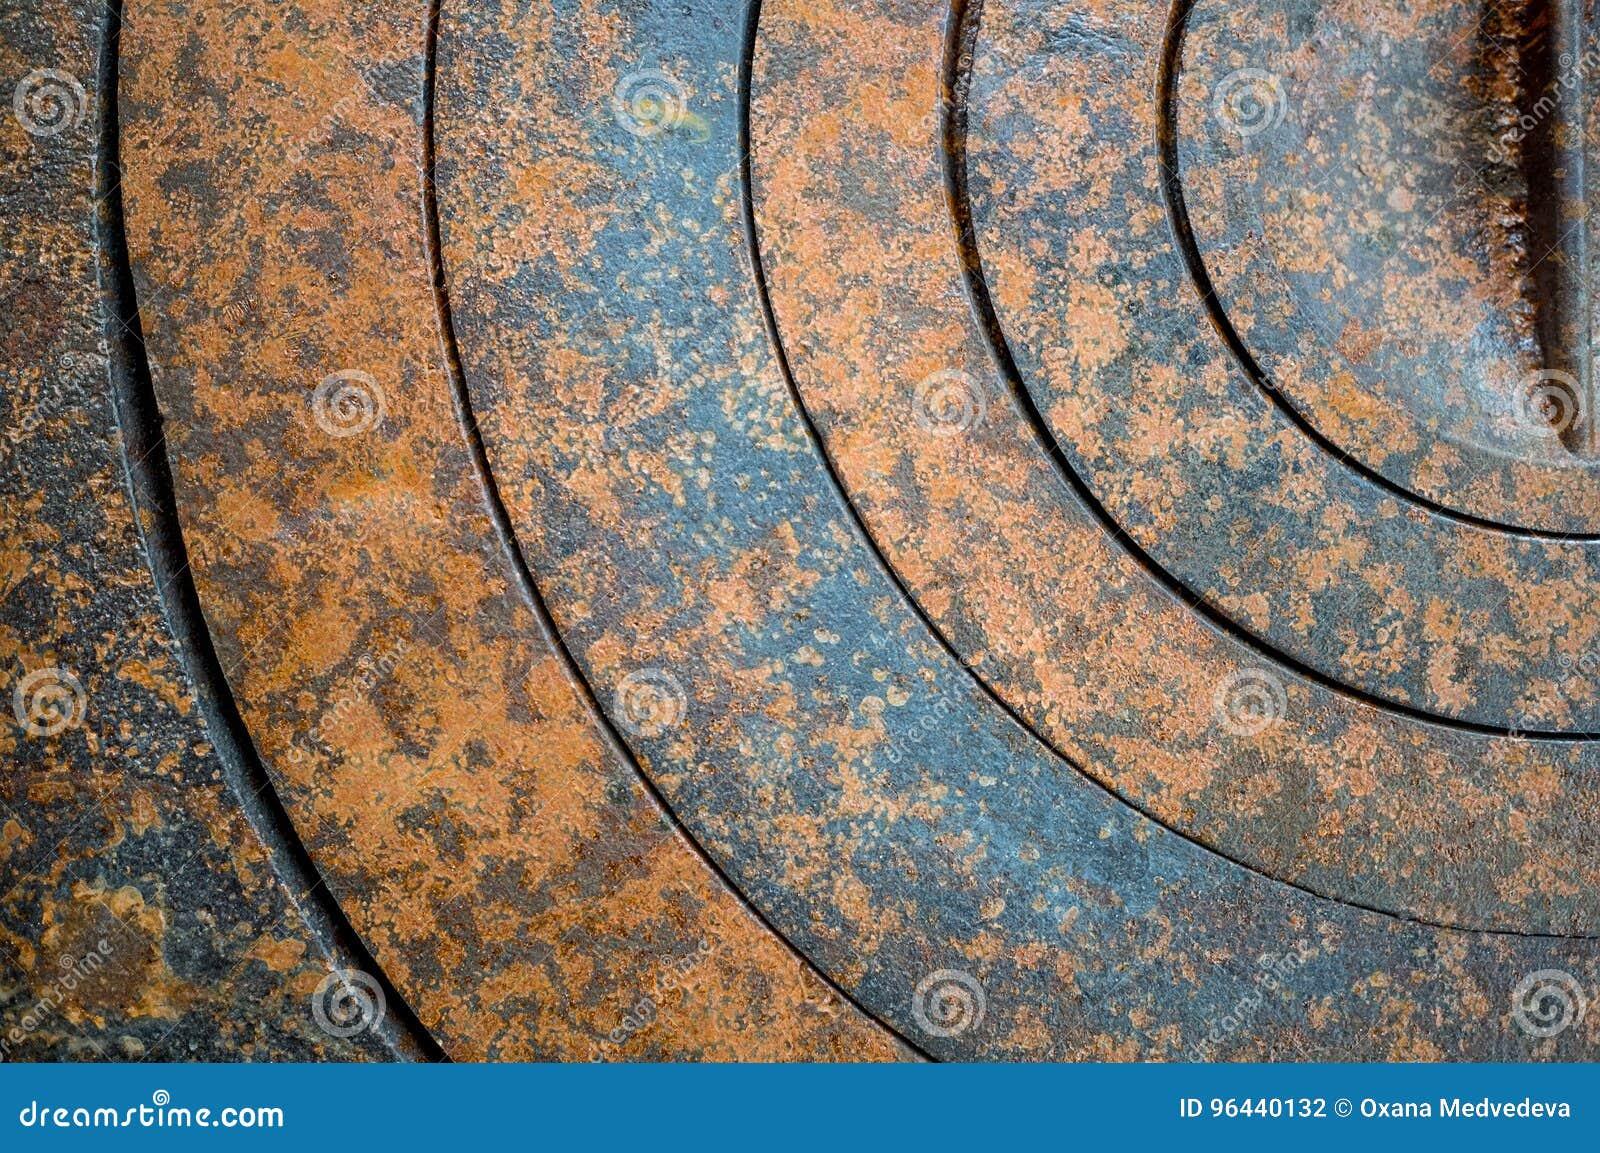 Fond abstrait de métal avec les trous géométriques dans une rouille de cercle et de texture orange-brune avec des taches